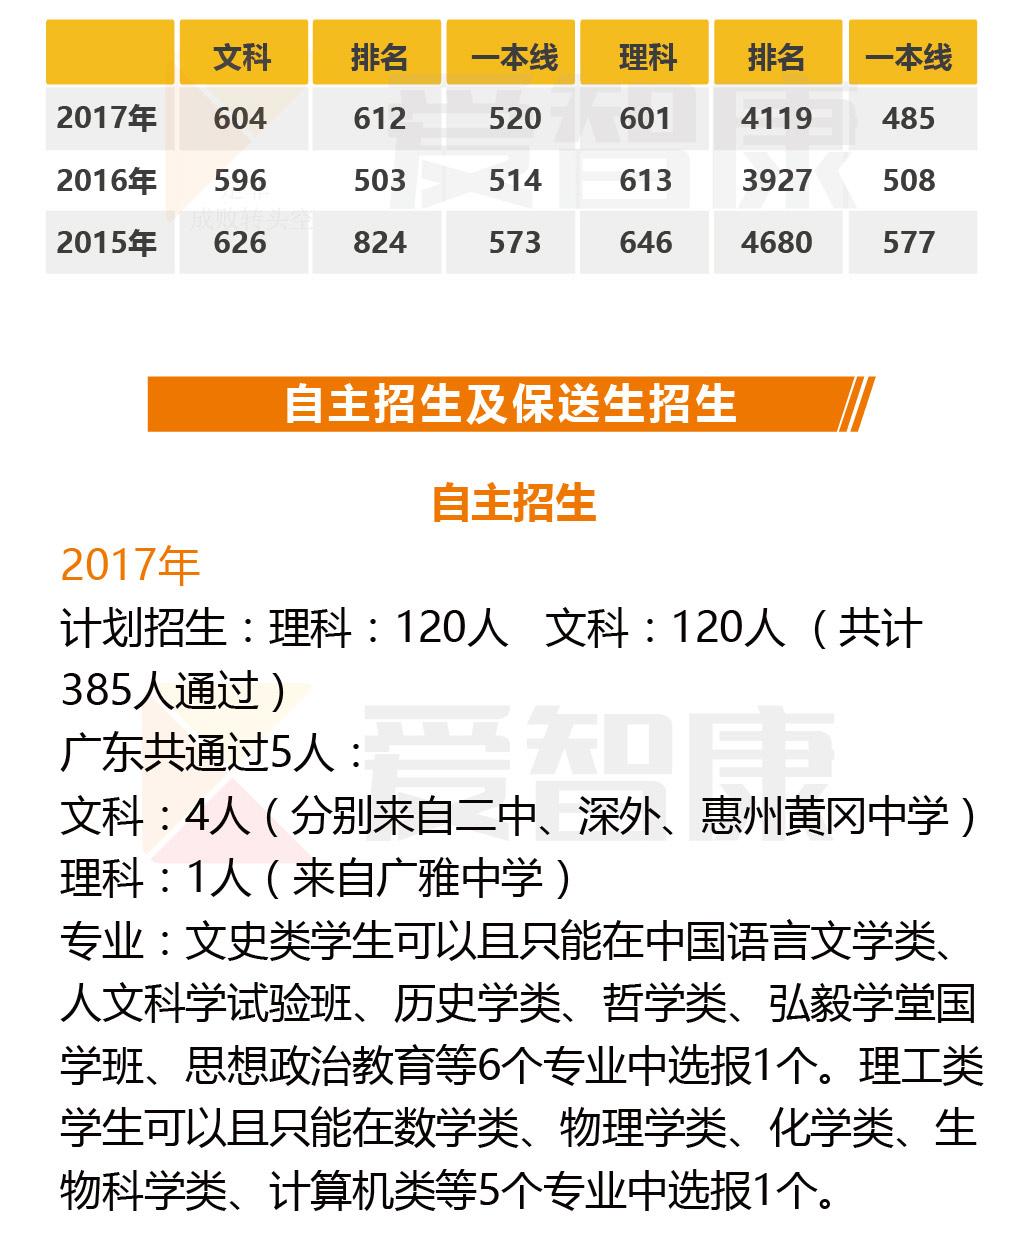 武汉大学自主招生